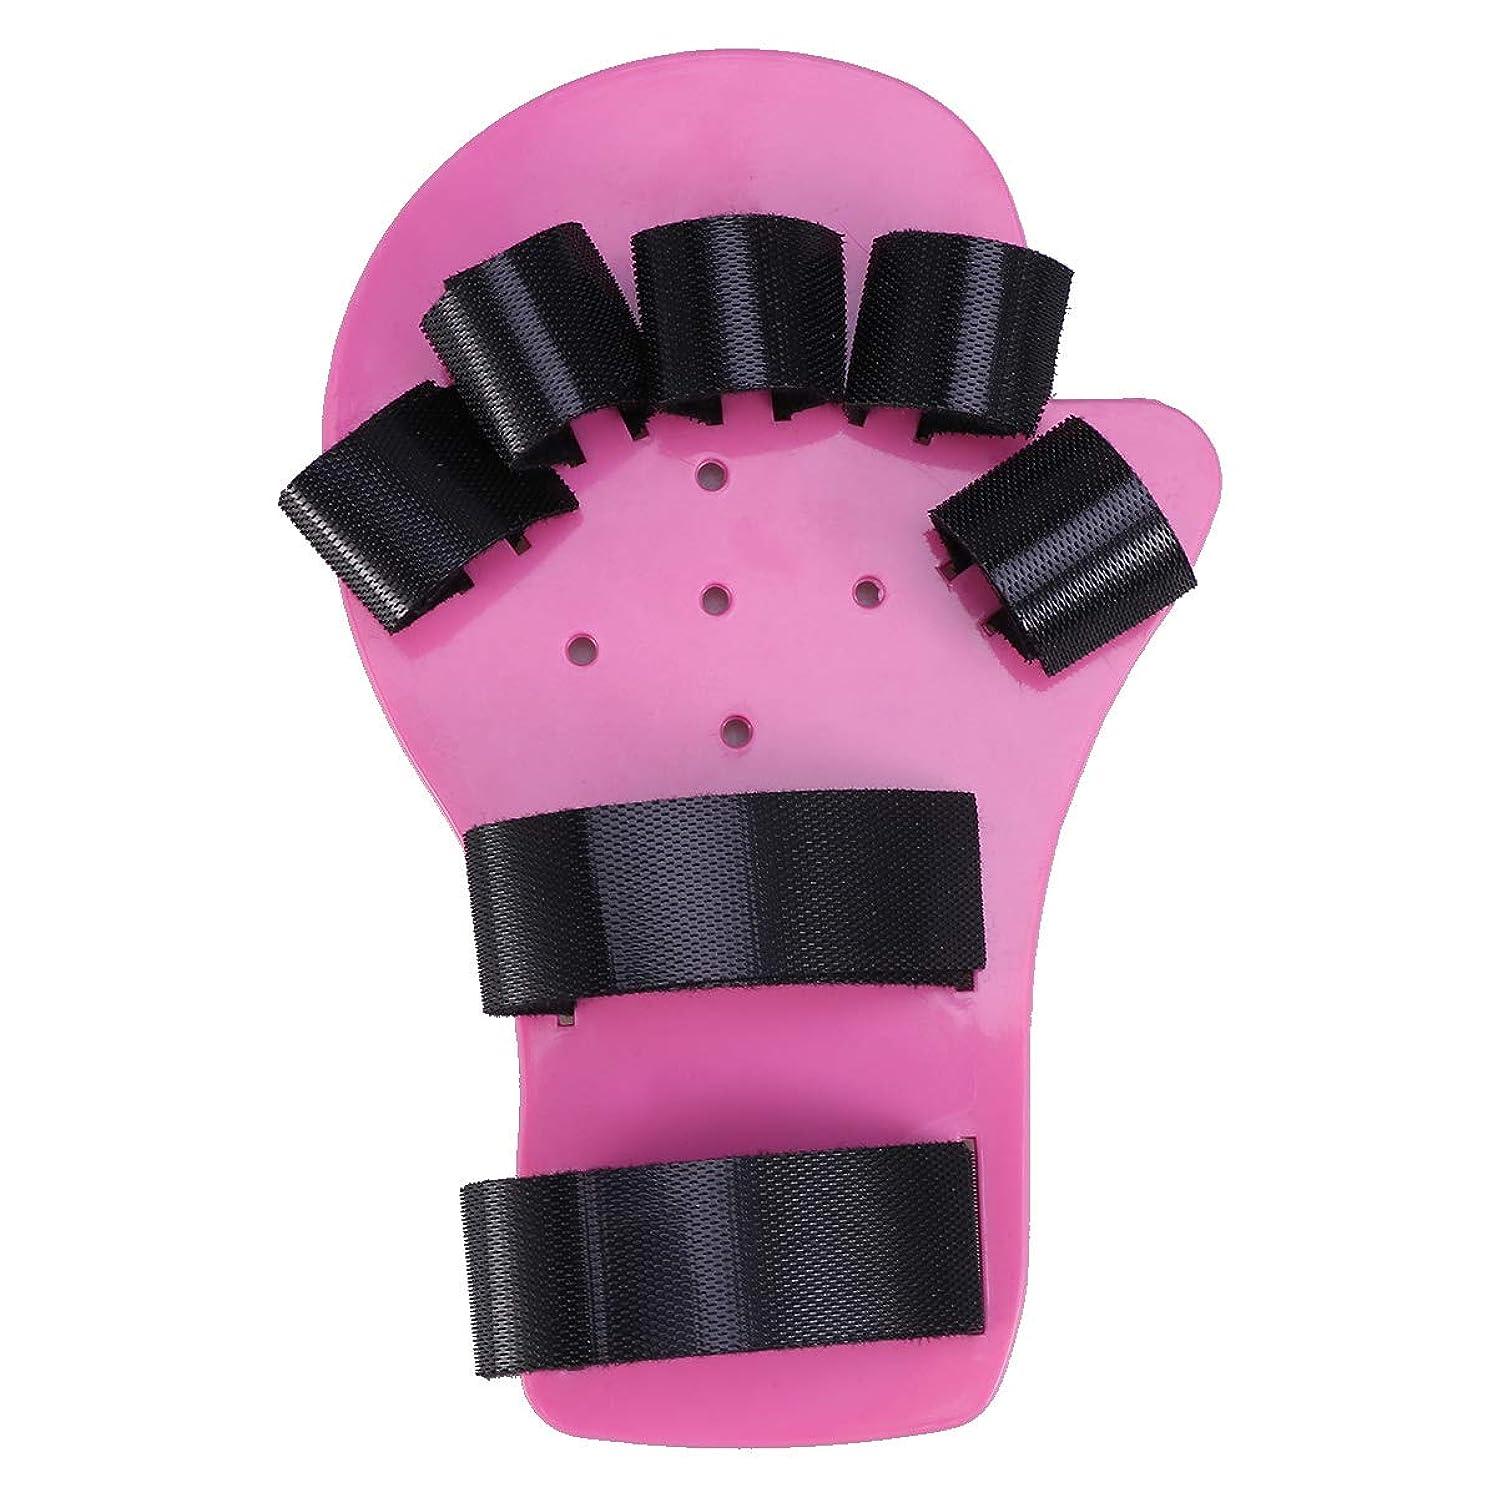 累積なめらかな標高Healifty 指矯正指板ストロークハンドスプリントトレーニングサポート手首トレーニング装具子供用子供子供1-5歳(ロングスタイル、ピンク)